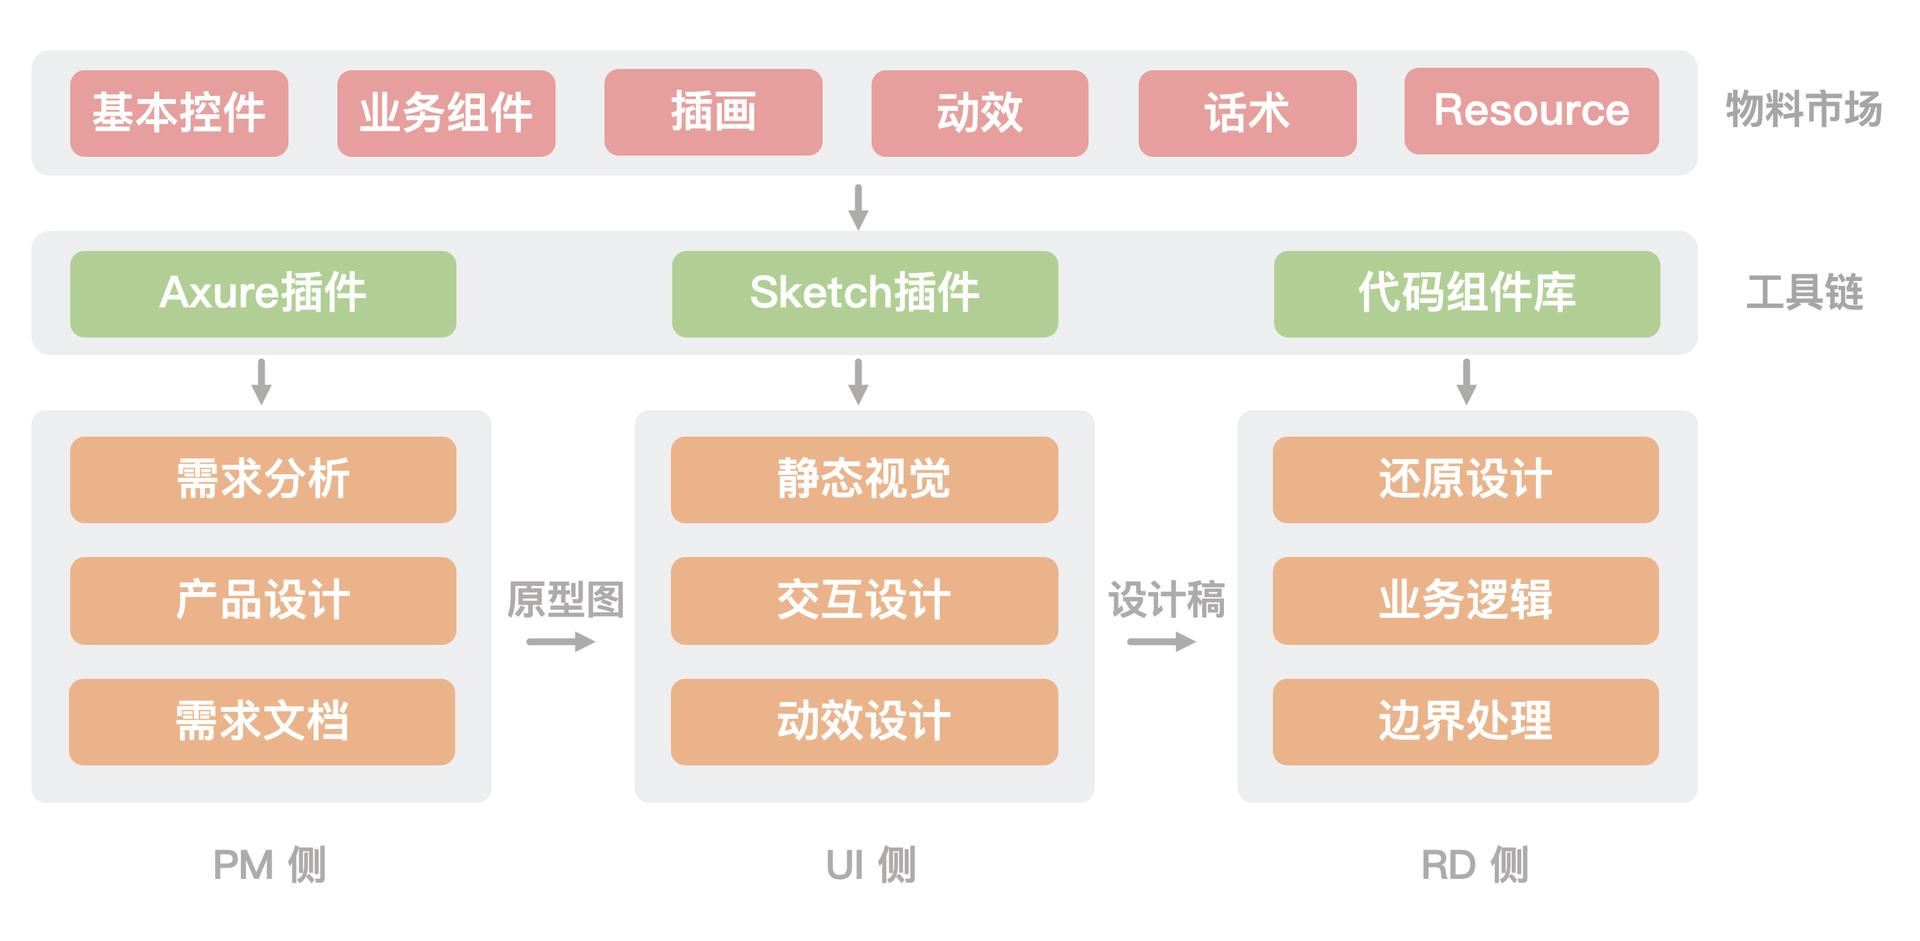 袋鼠UI工具链体系